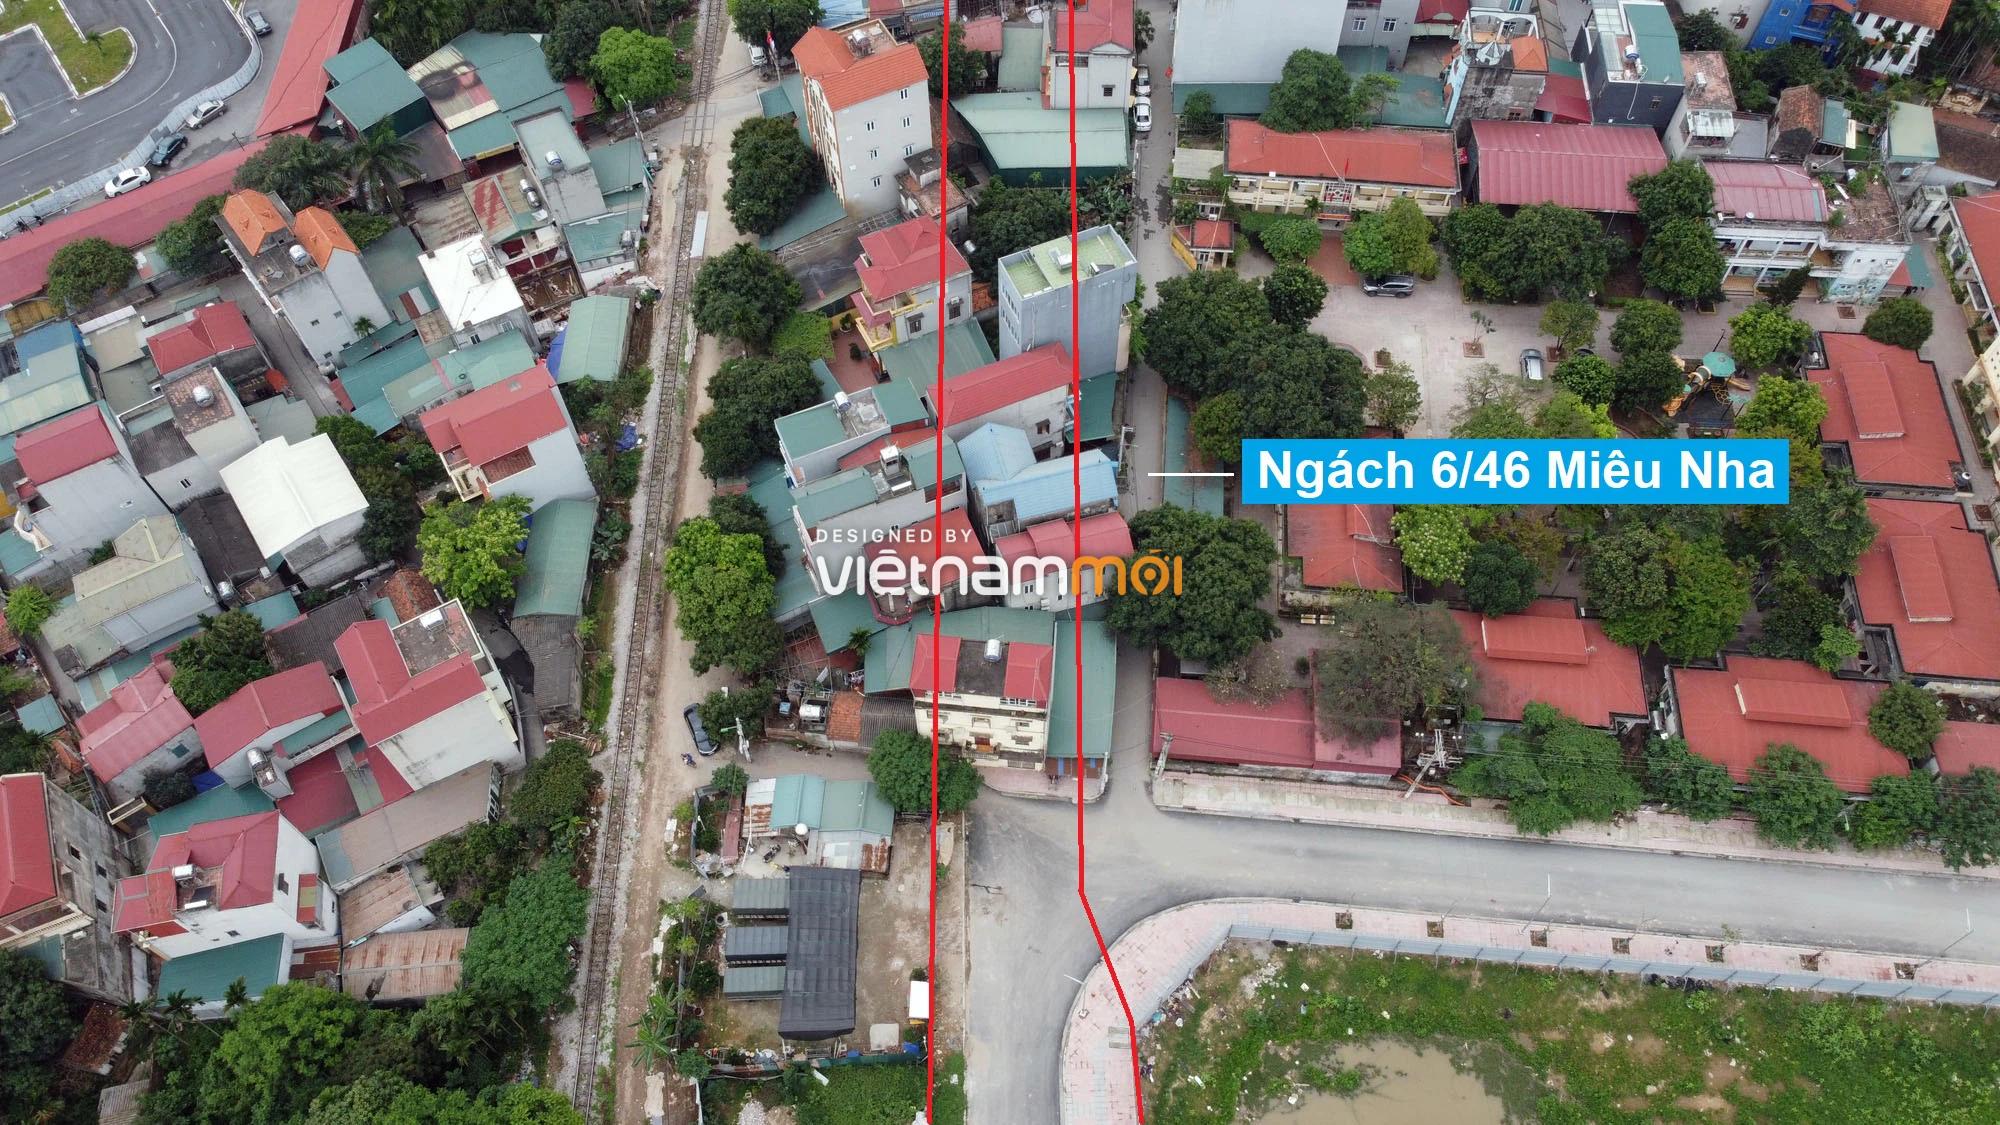 Những khu đất sắp thu hồi để mở đường ở phường Tây Mỗ, Nam Từ Liêm, Hà Nội (phần 4) - Ảnh 4.